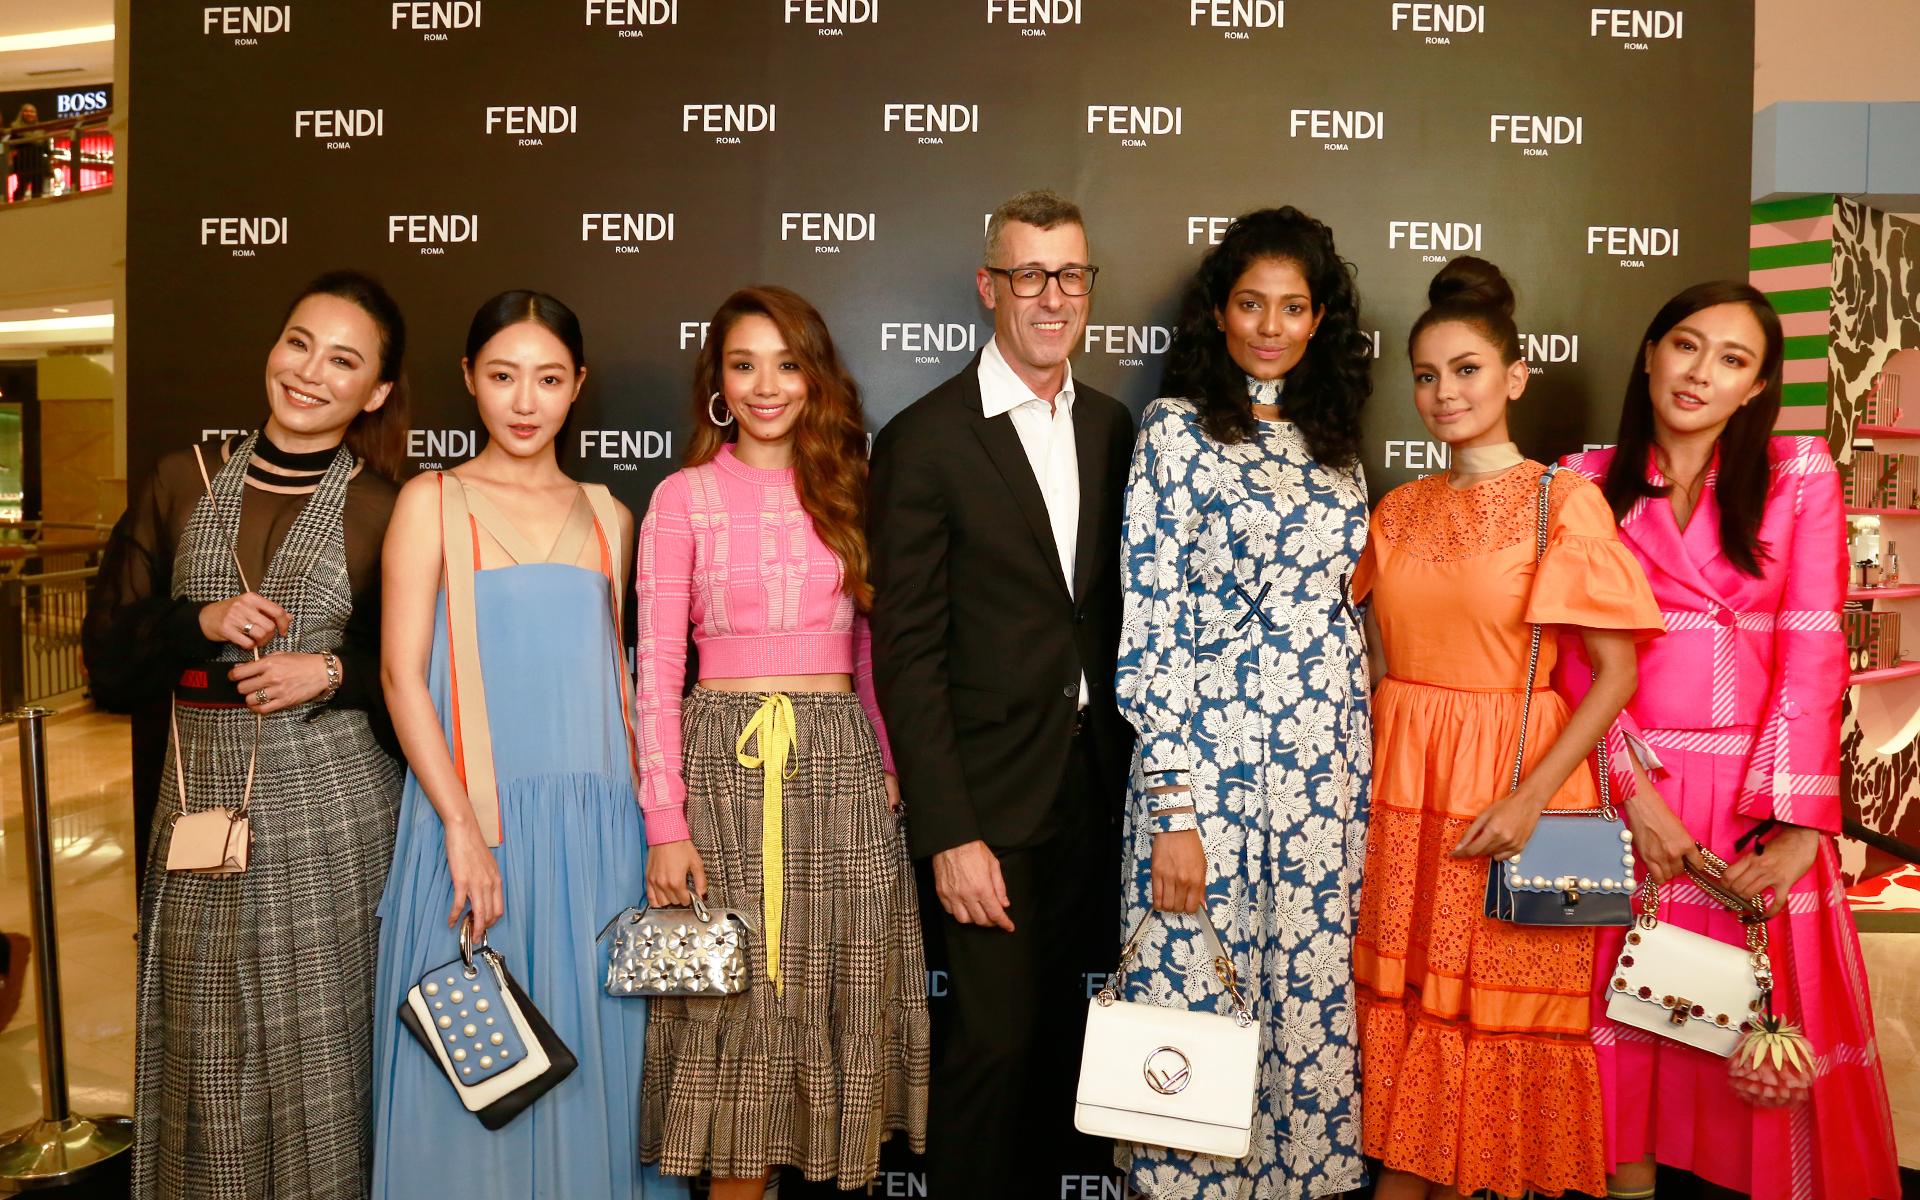 Ong Ai Leng, Jojo Goh, Marion Caunter, Andrea Crippa, Thanuja Ananthan, Fyza Kadir and Debbie Goh